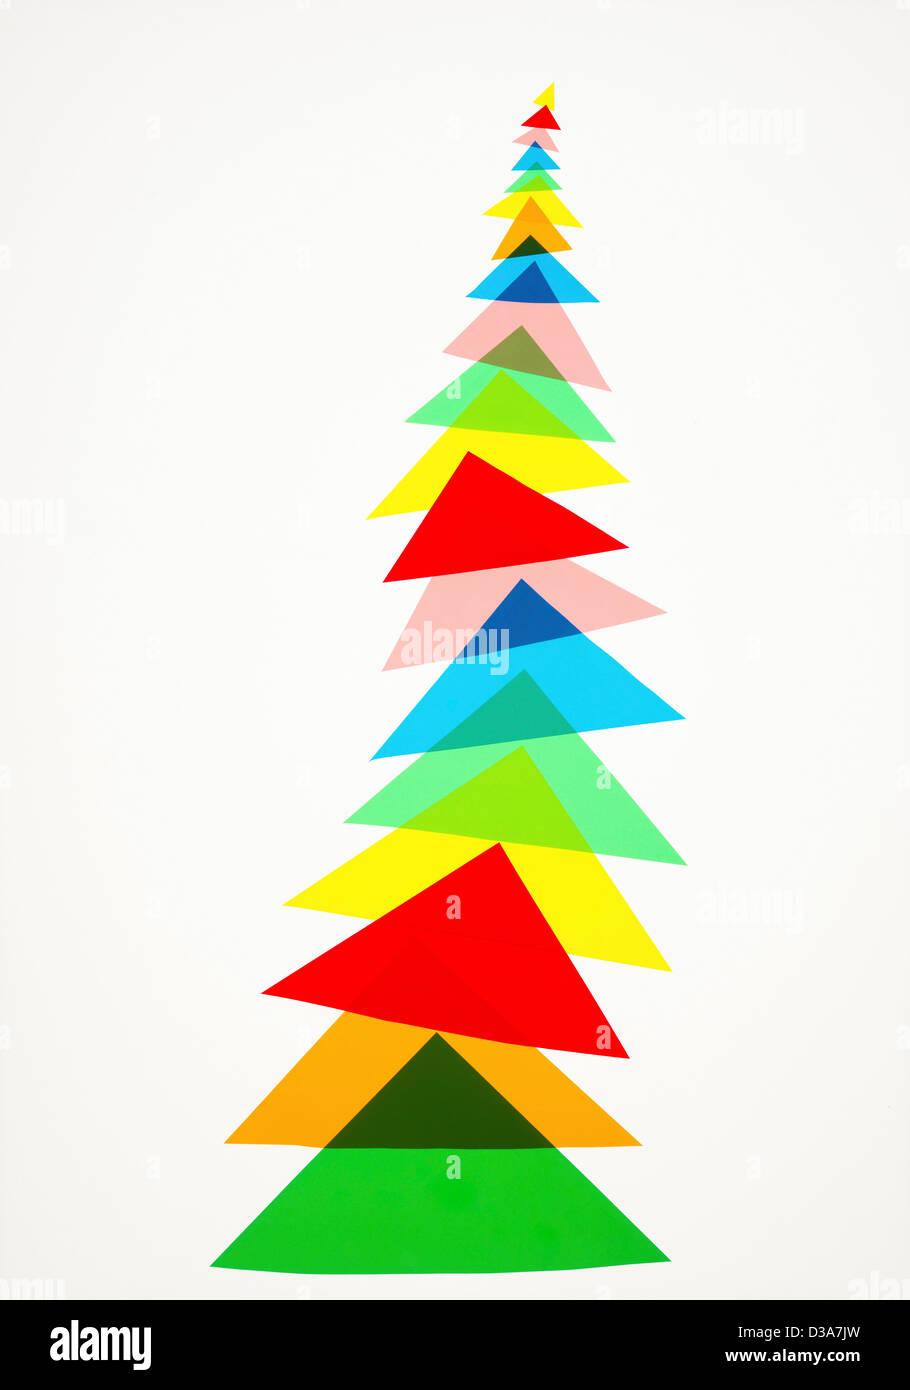 Illustrazione di triangoli colorati Immagini Stock